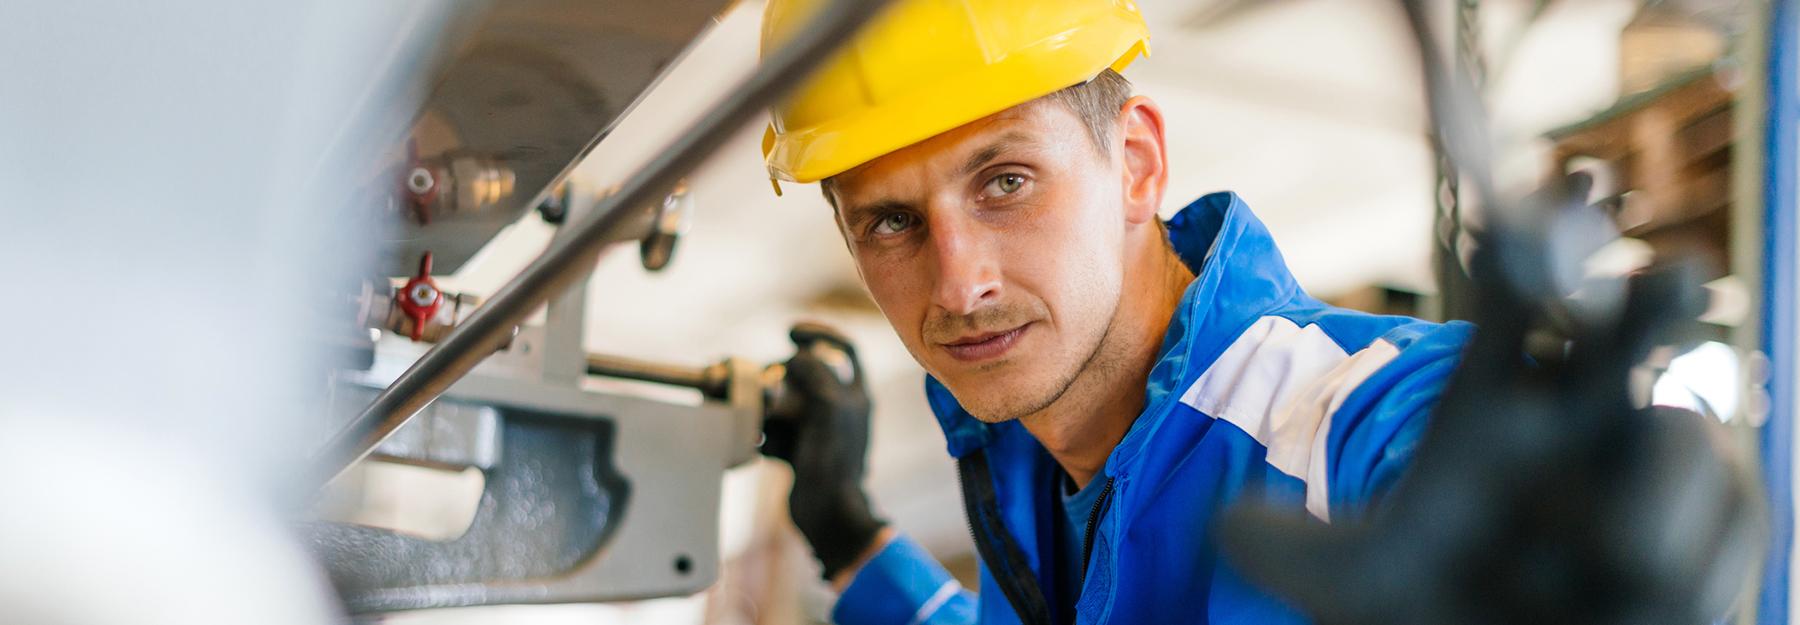 Arbeitsrechtsschutzversicherung Sicher Im Rechtsstreit